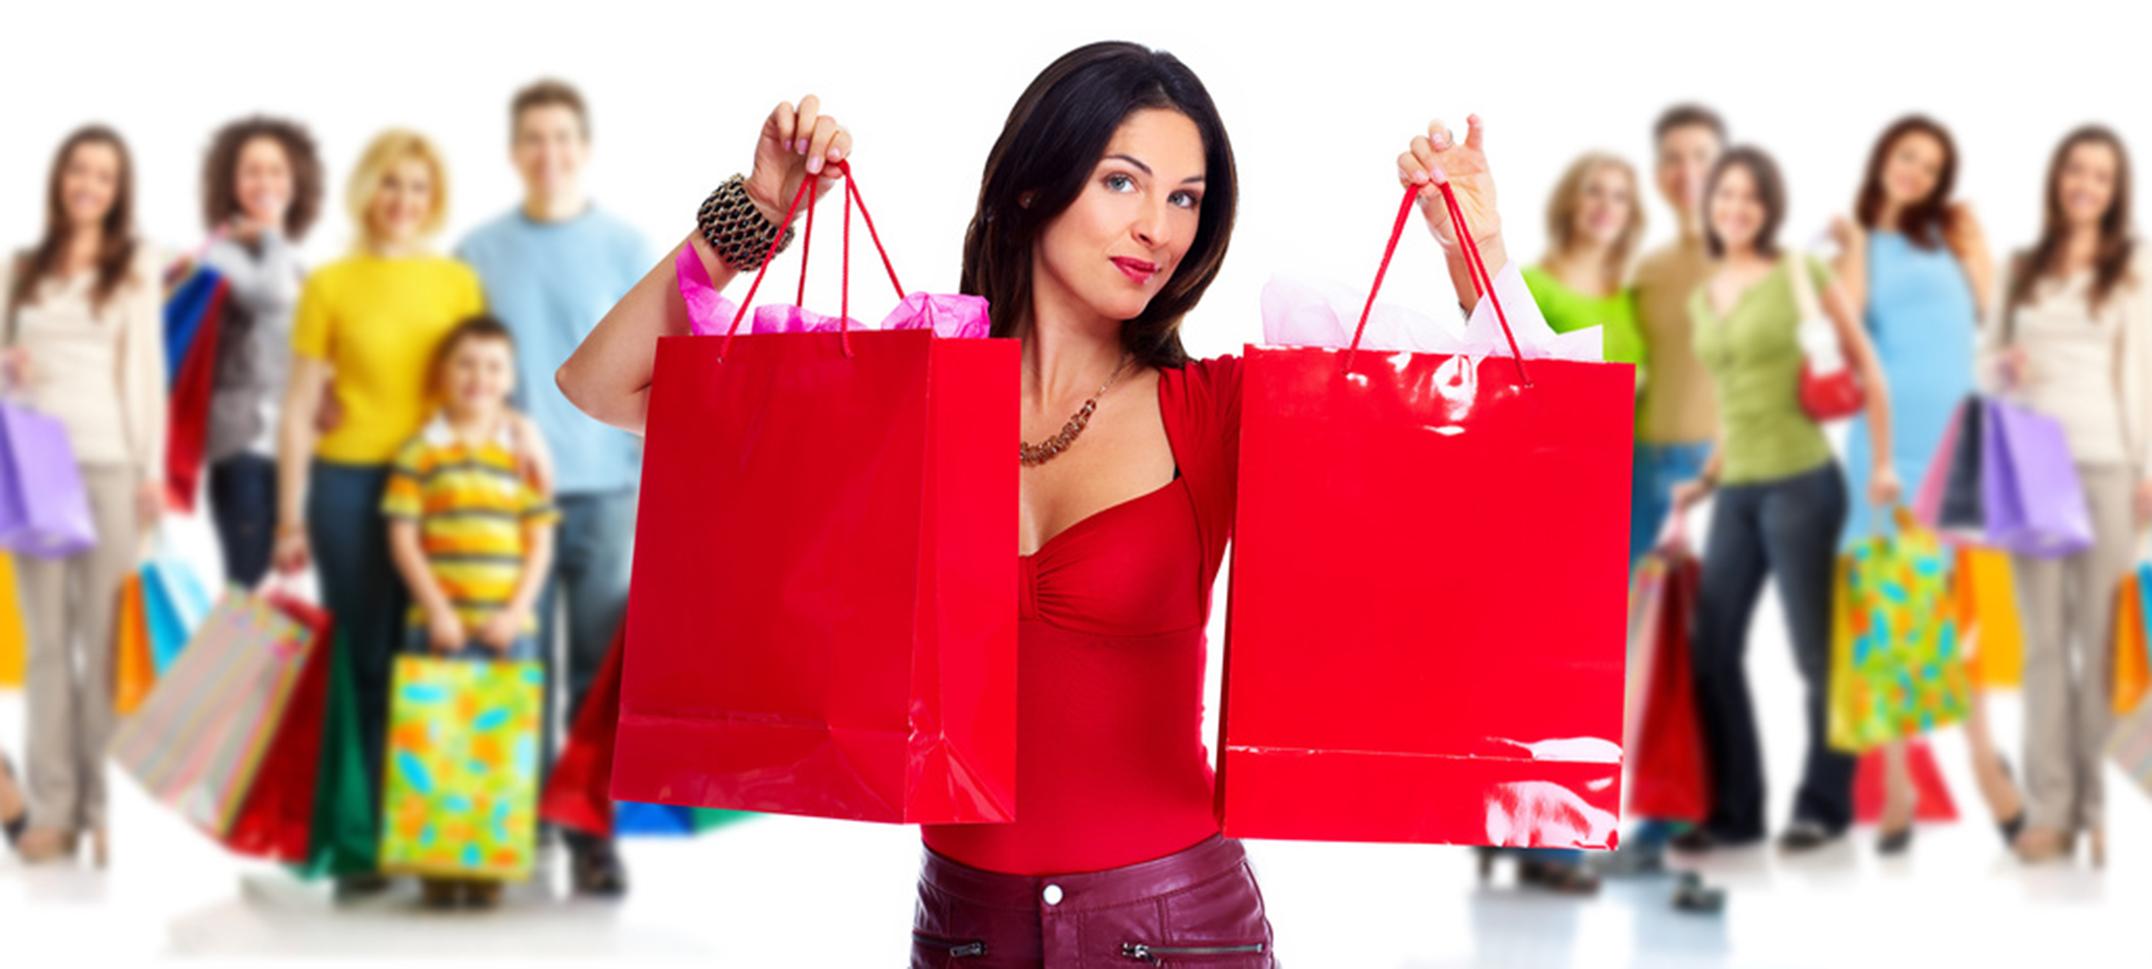 Femme habillé en rouge, avec des sacs cadeaux aux mains